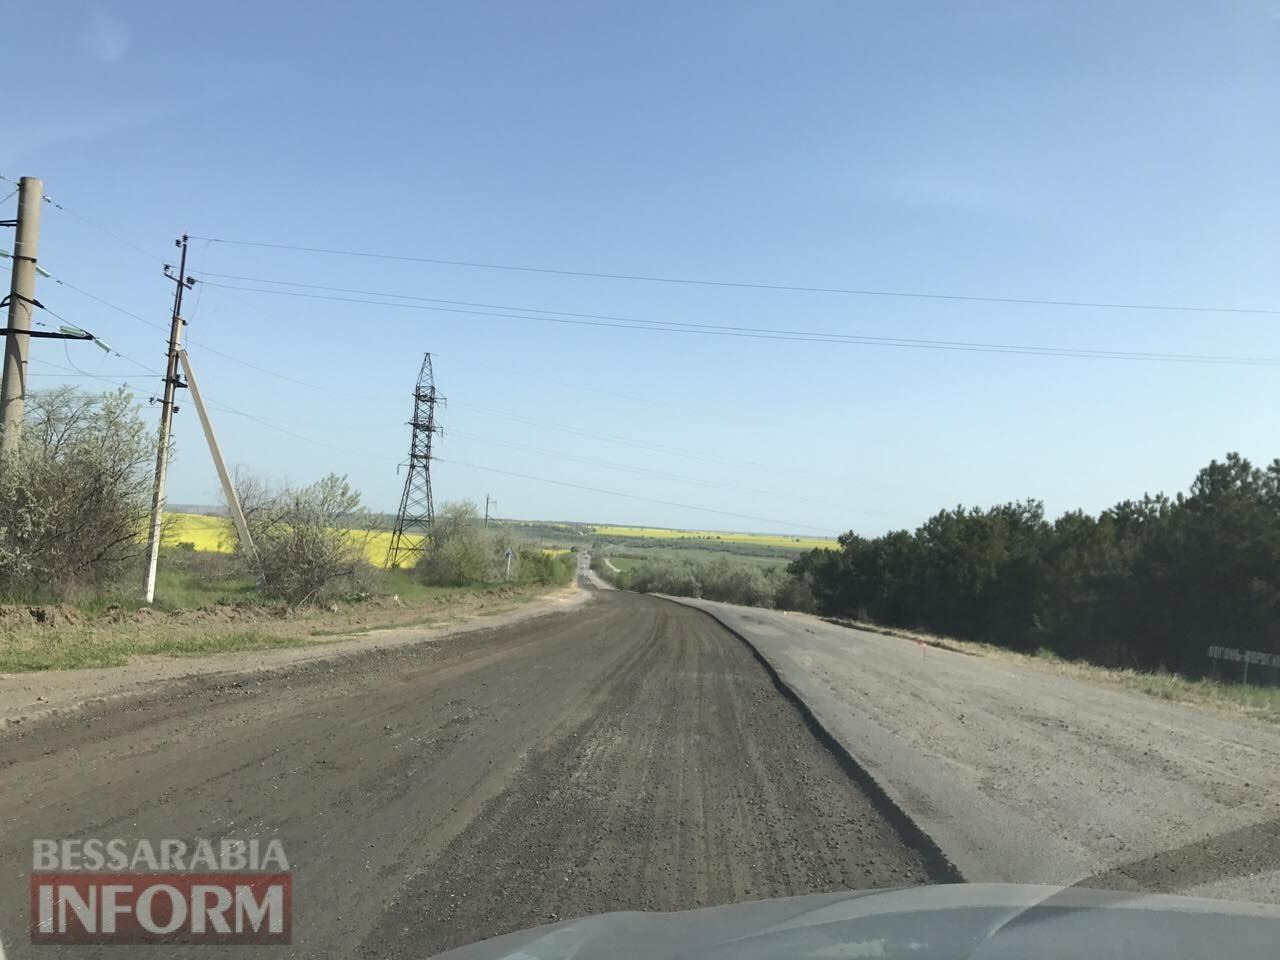 podem-vozle-Utkonosovki-na-trasse-Odessa-Reni На одном из самых аварийных участков трассы Одесса-Рени начались ремонтные работы